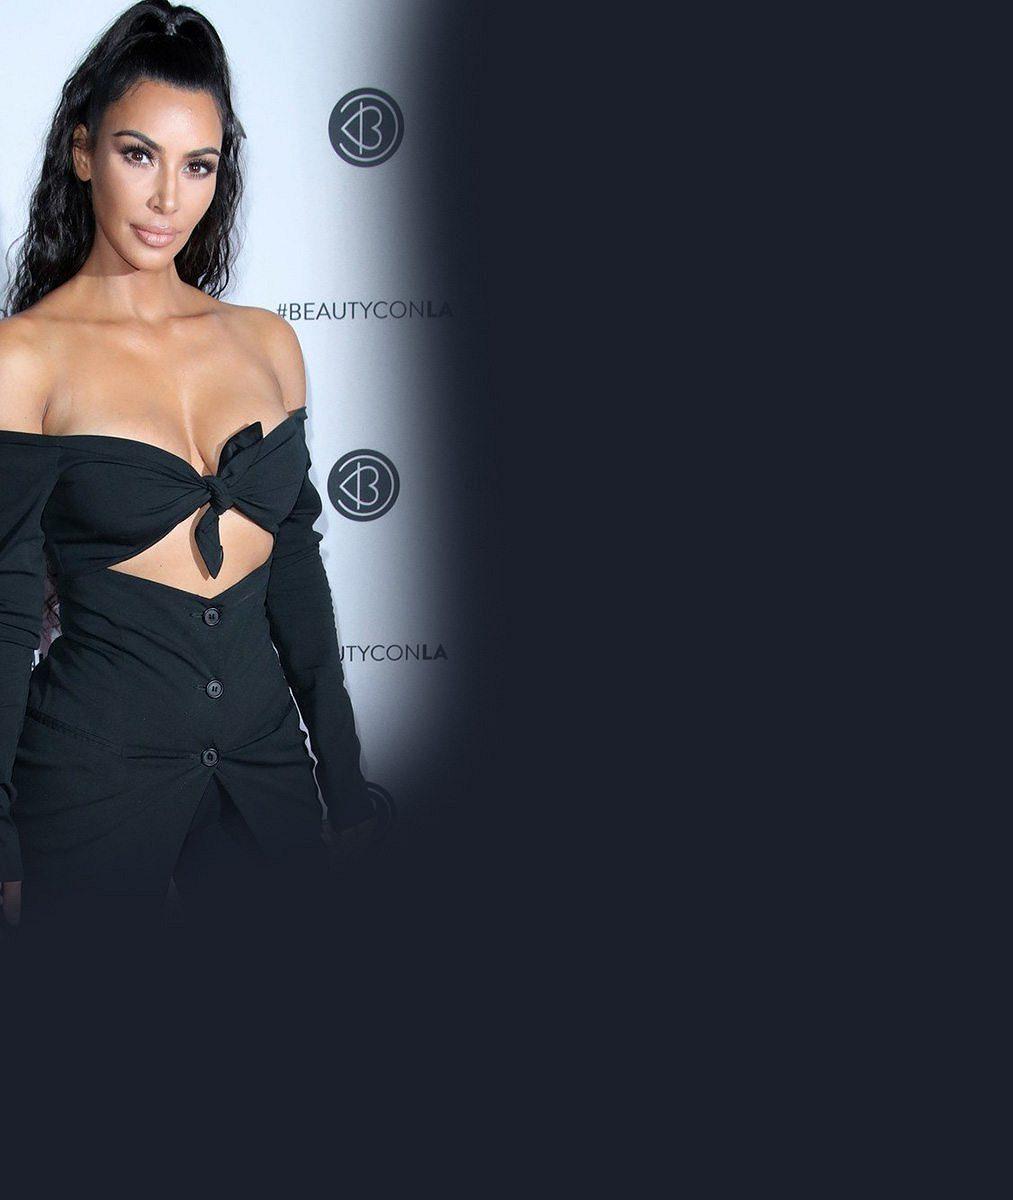 7 celebrit, které se na veřejnosti objevují bez podprsenky: Kim Kardashian i padesátnice z Melrose Place